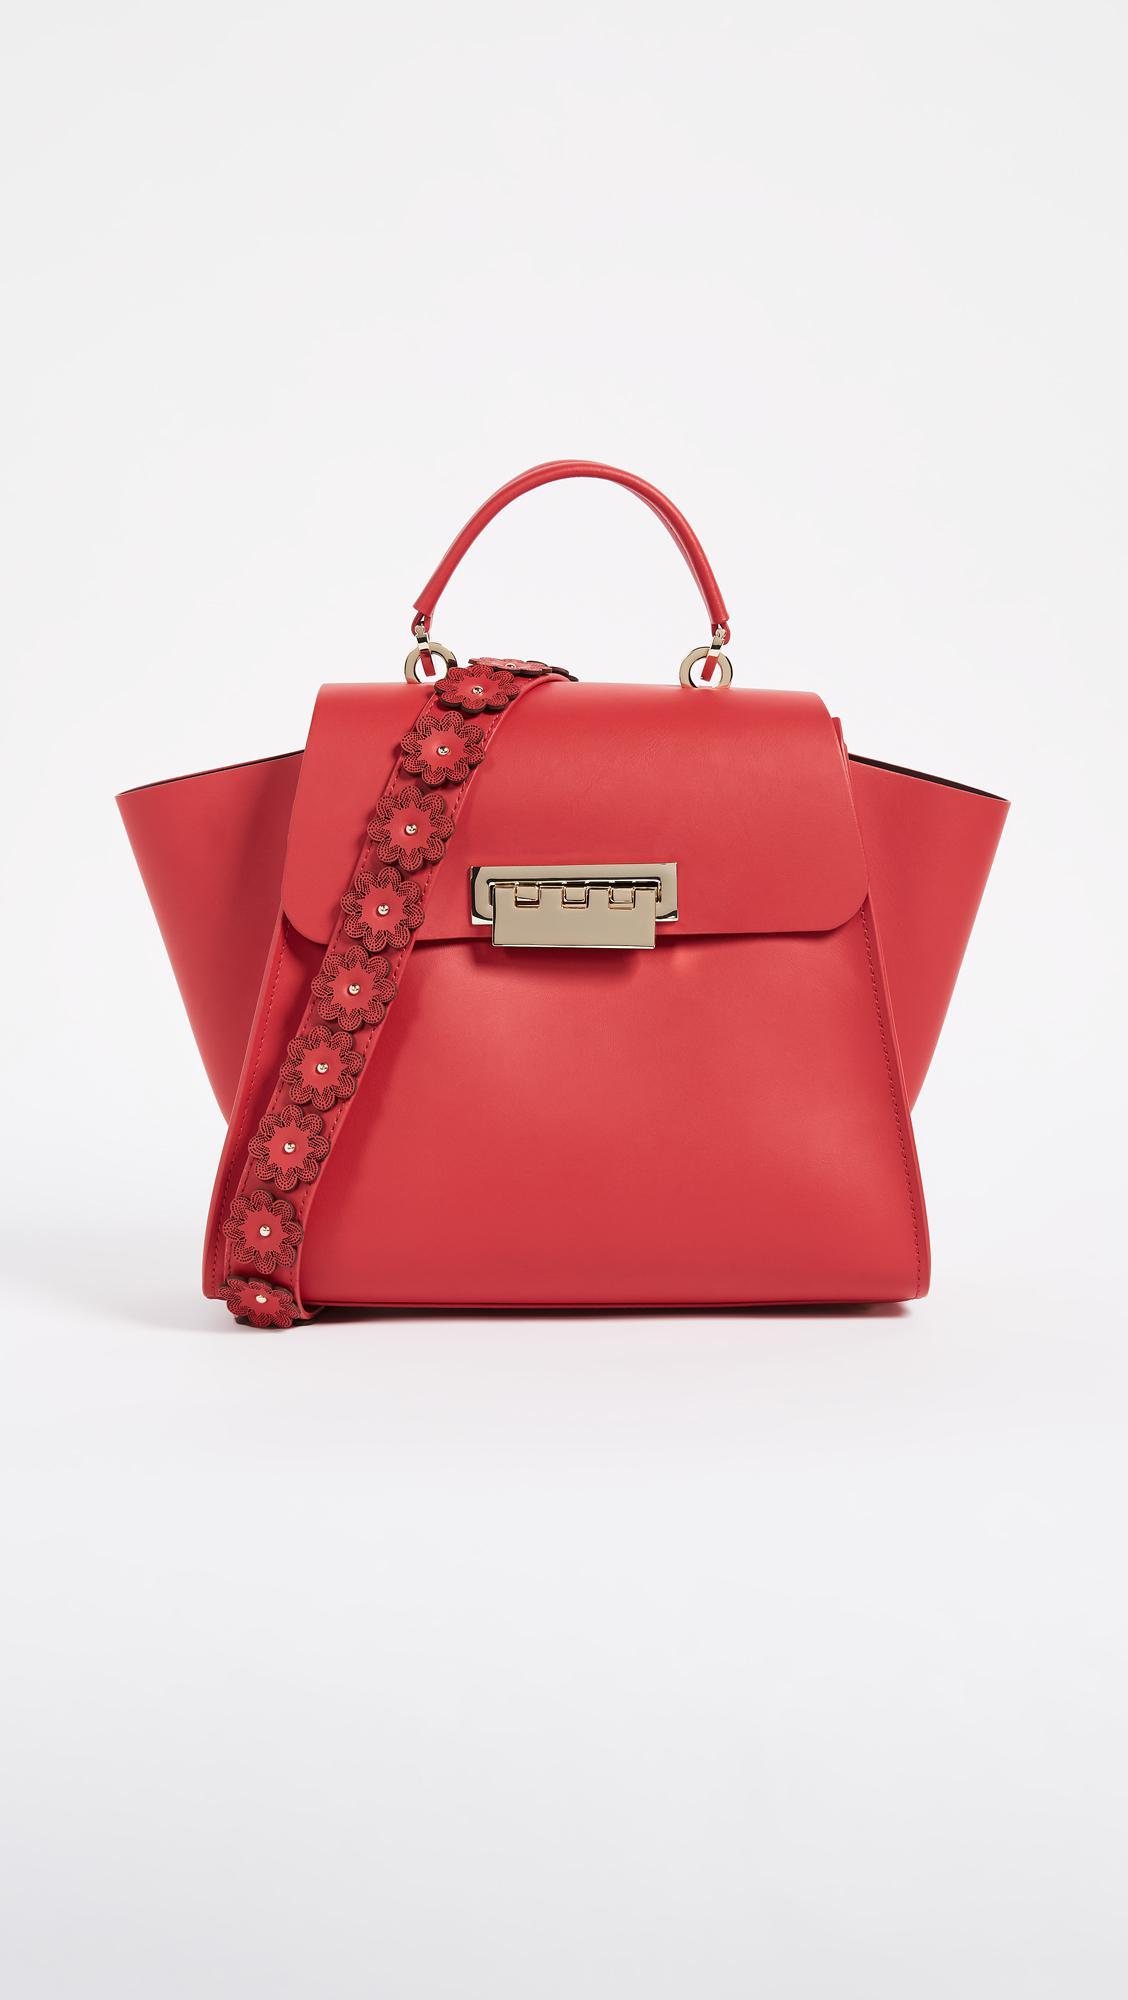 Zac Zac Posen Leather Eartha Iconic Top Handle Bag With